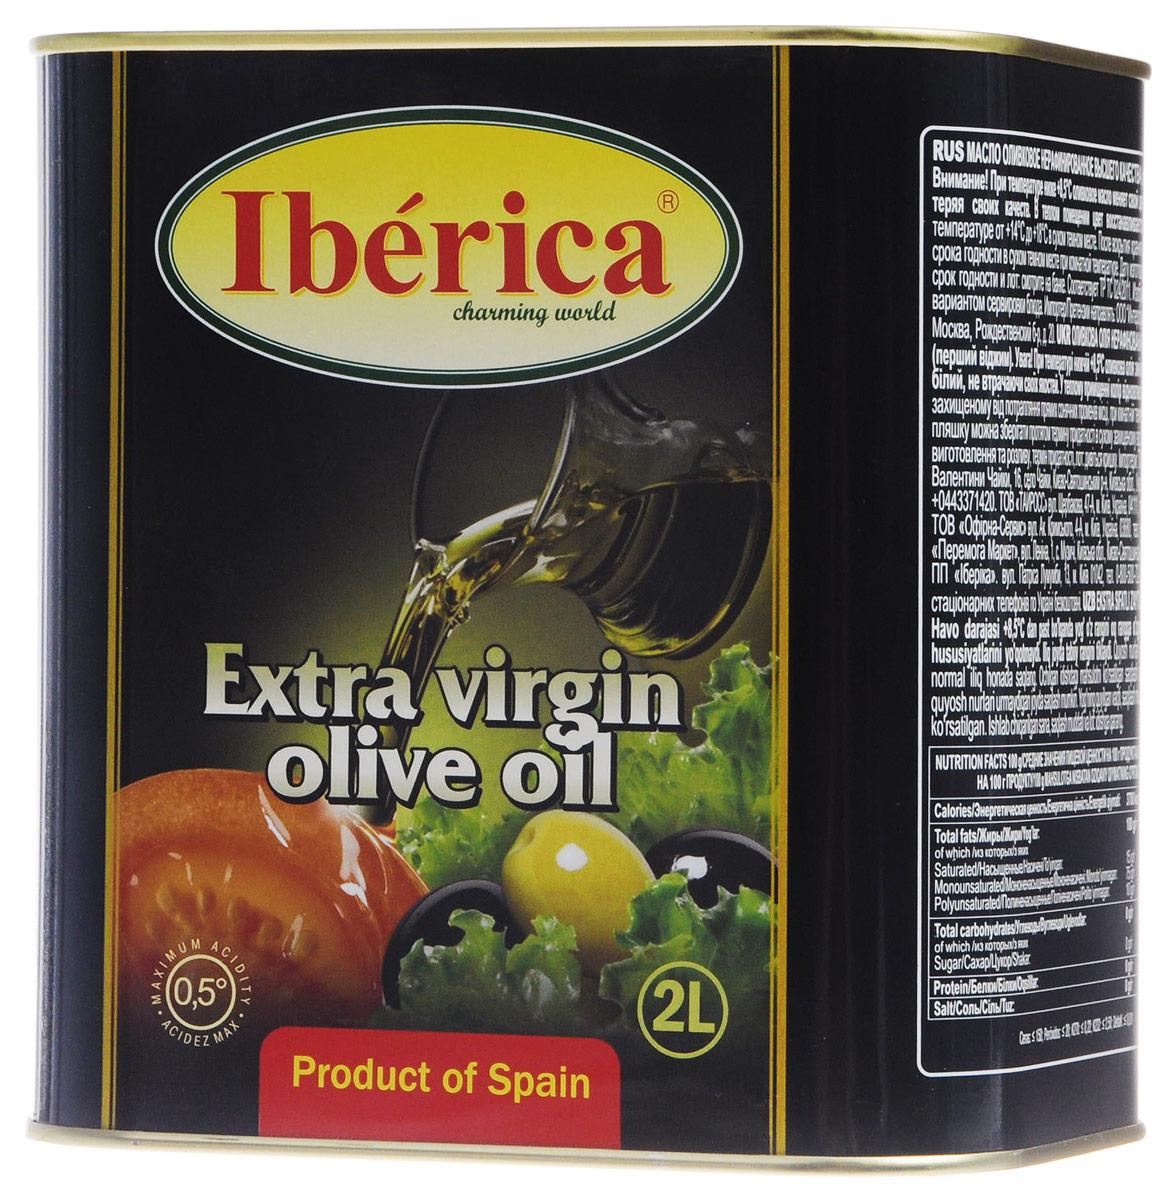 Iberica Extra Virgin масло оливковое, 2 л1650037Iberica Extra Virgin - нерафинированное оливковое масло класса Экстра с применением холодного отжима. Оно изготавливается из отборных оливок высочайшего качества, выращенных под средиземноморским солнцем и обладающих насыщенным вкусом и ароматом.